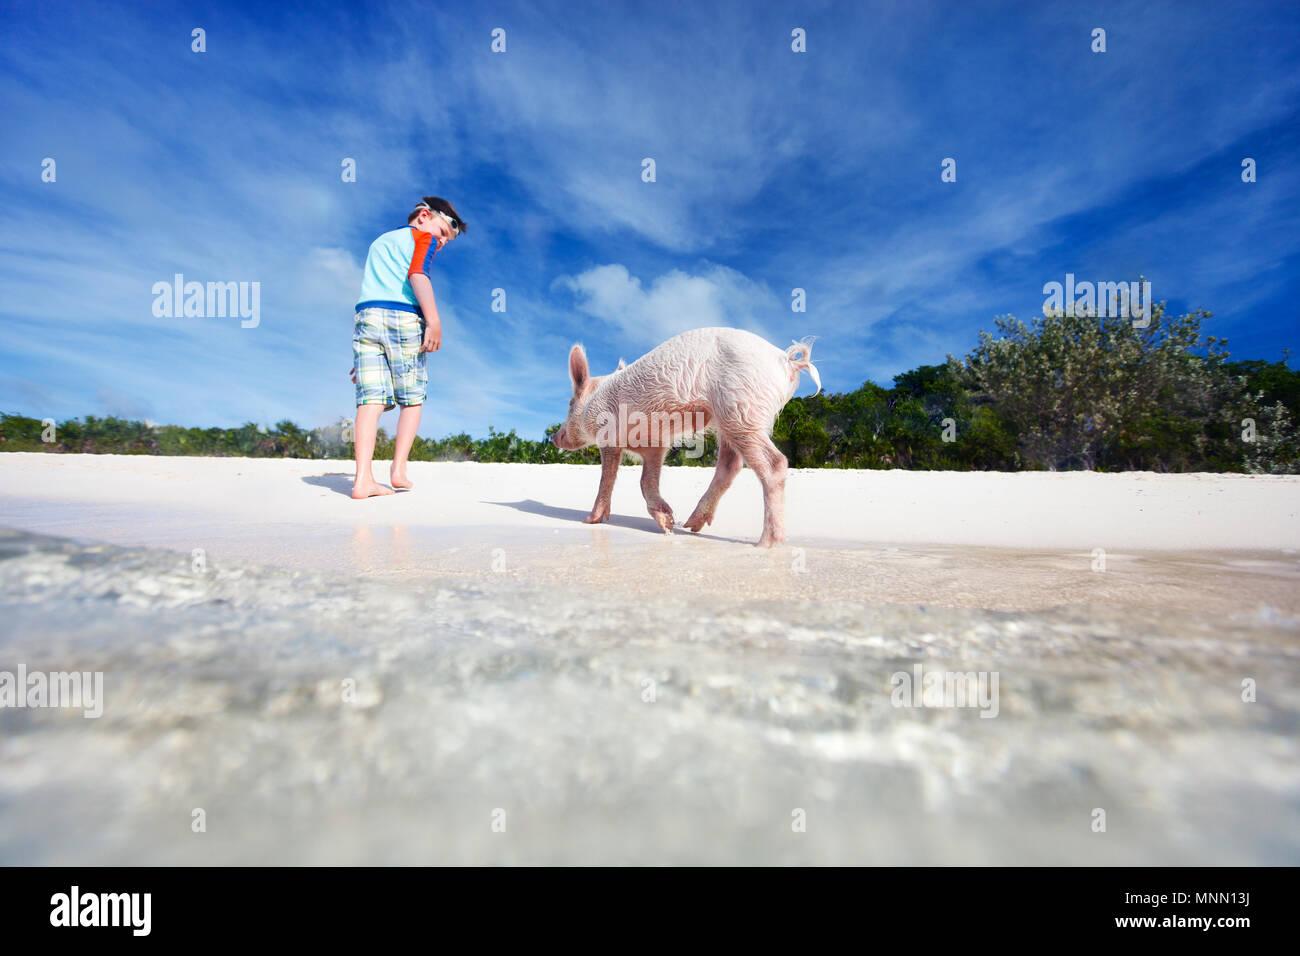 Junge mit einem Schwein von Exuma, Bahamas Stockbild